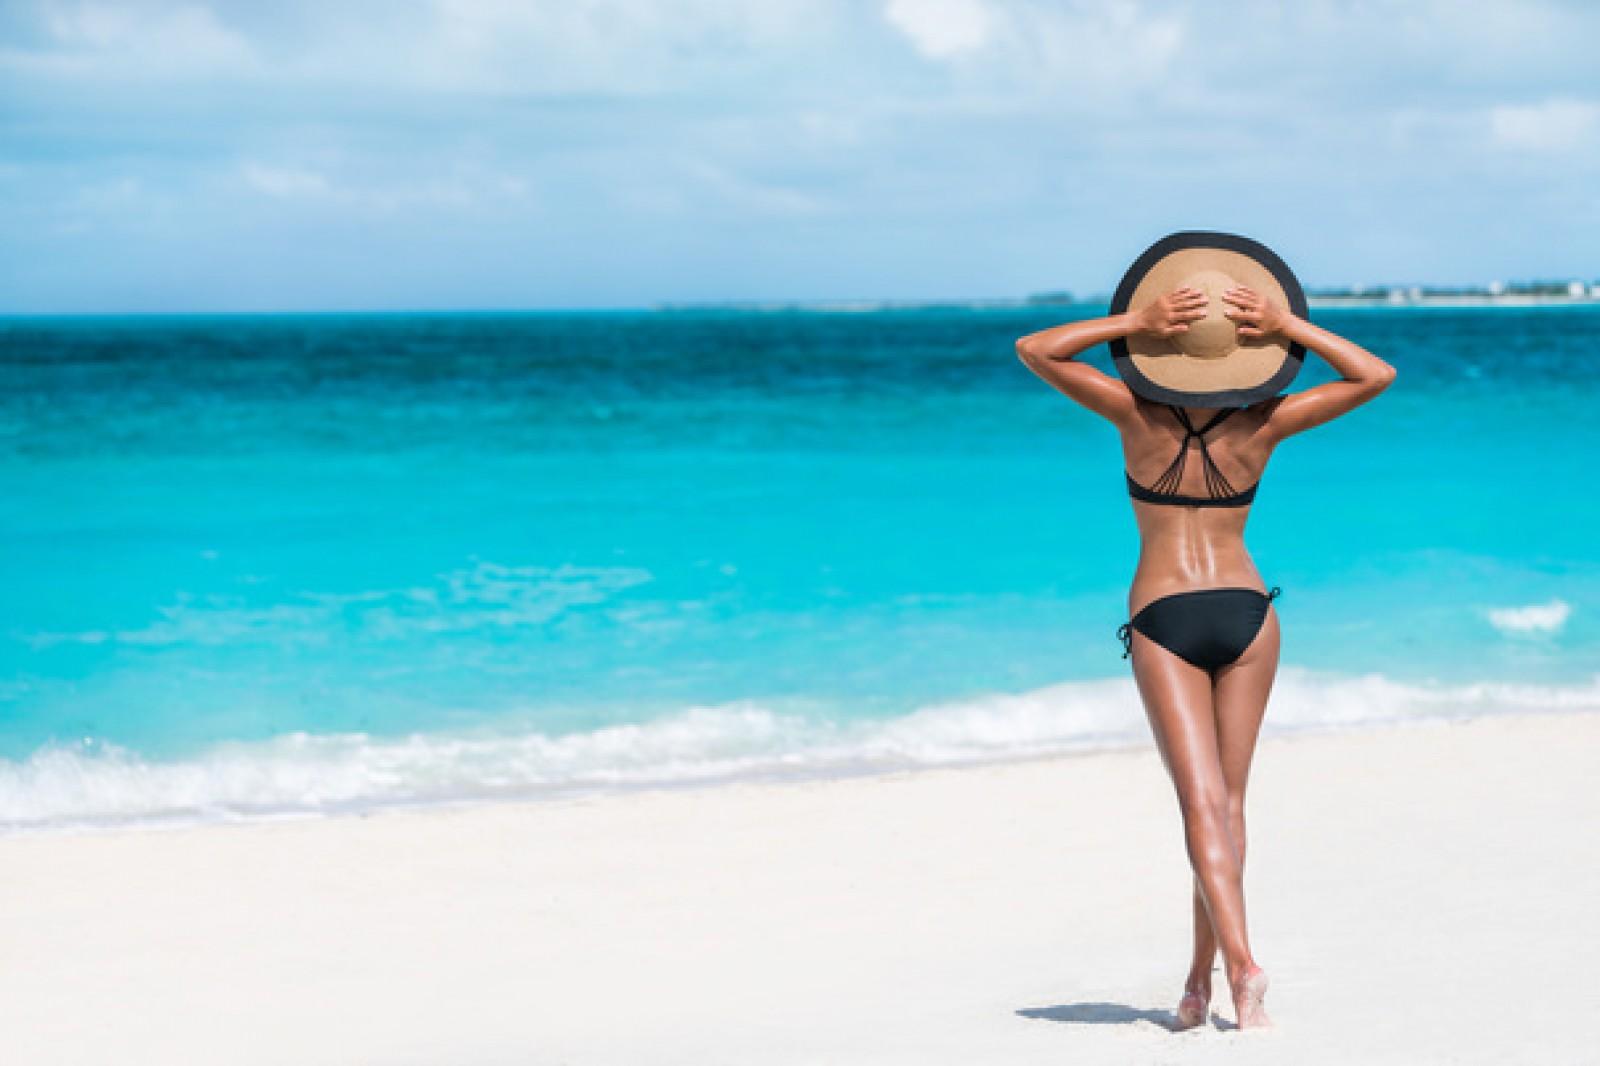 Cinci idei pentru a fi în formă la vară